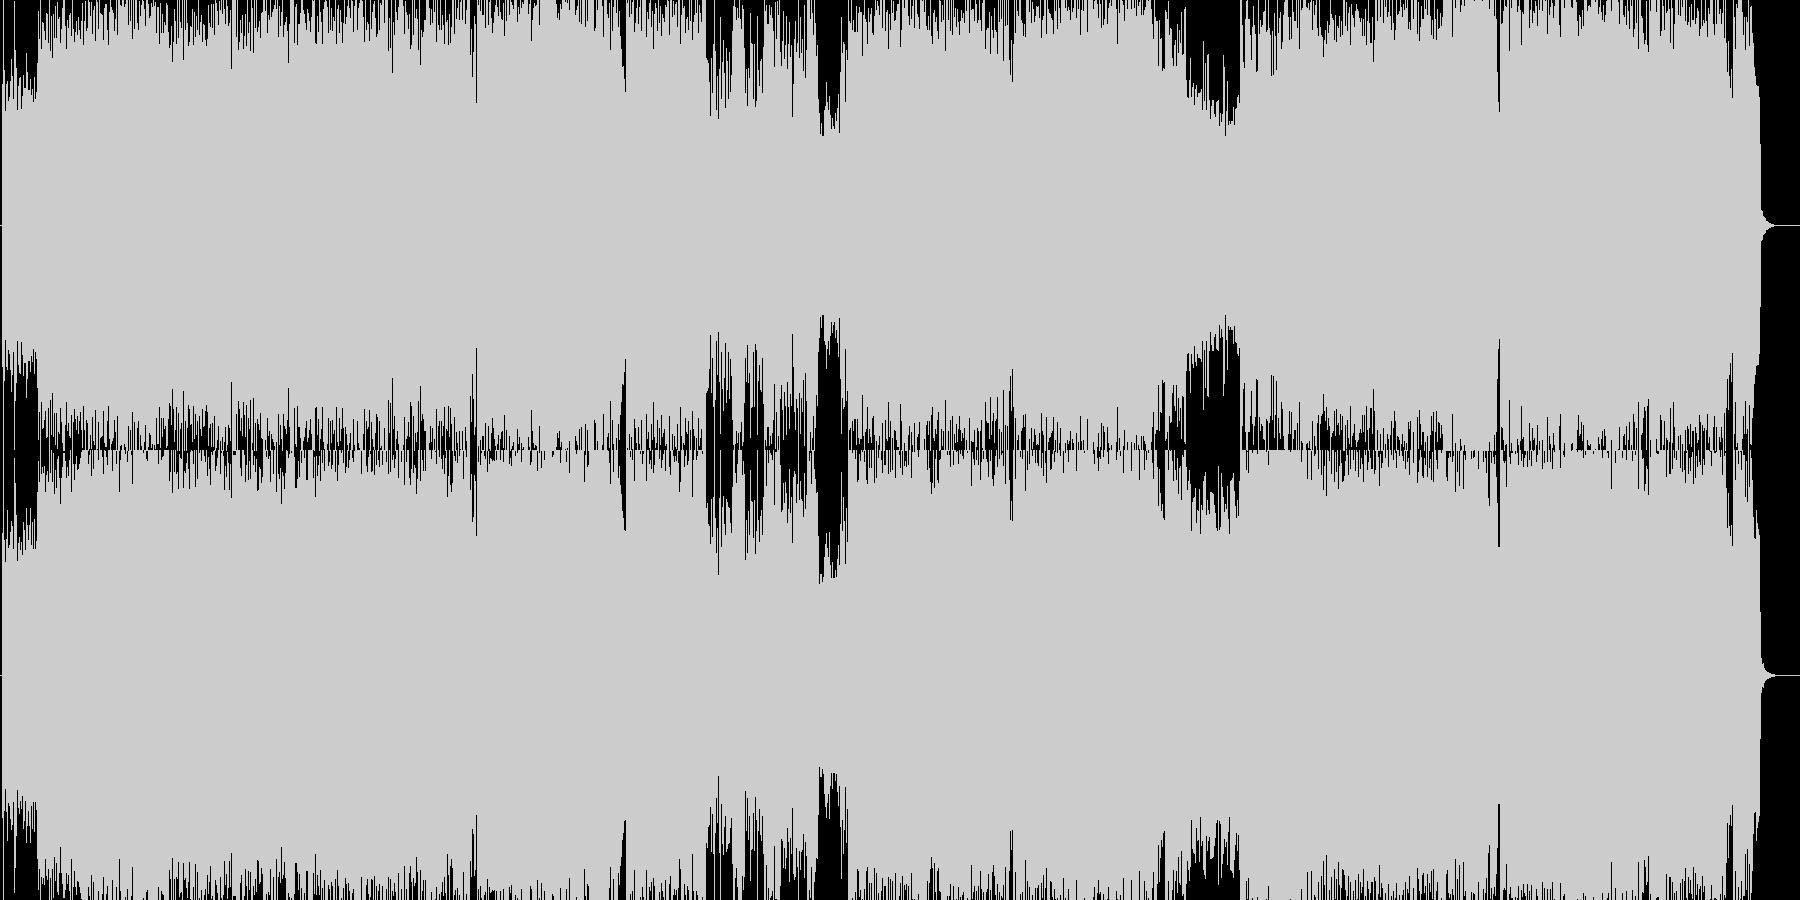 疾走系ヴィジュアルギターハードインストの未再生の波形